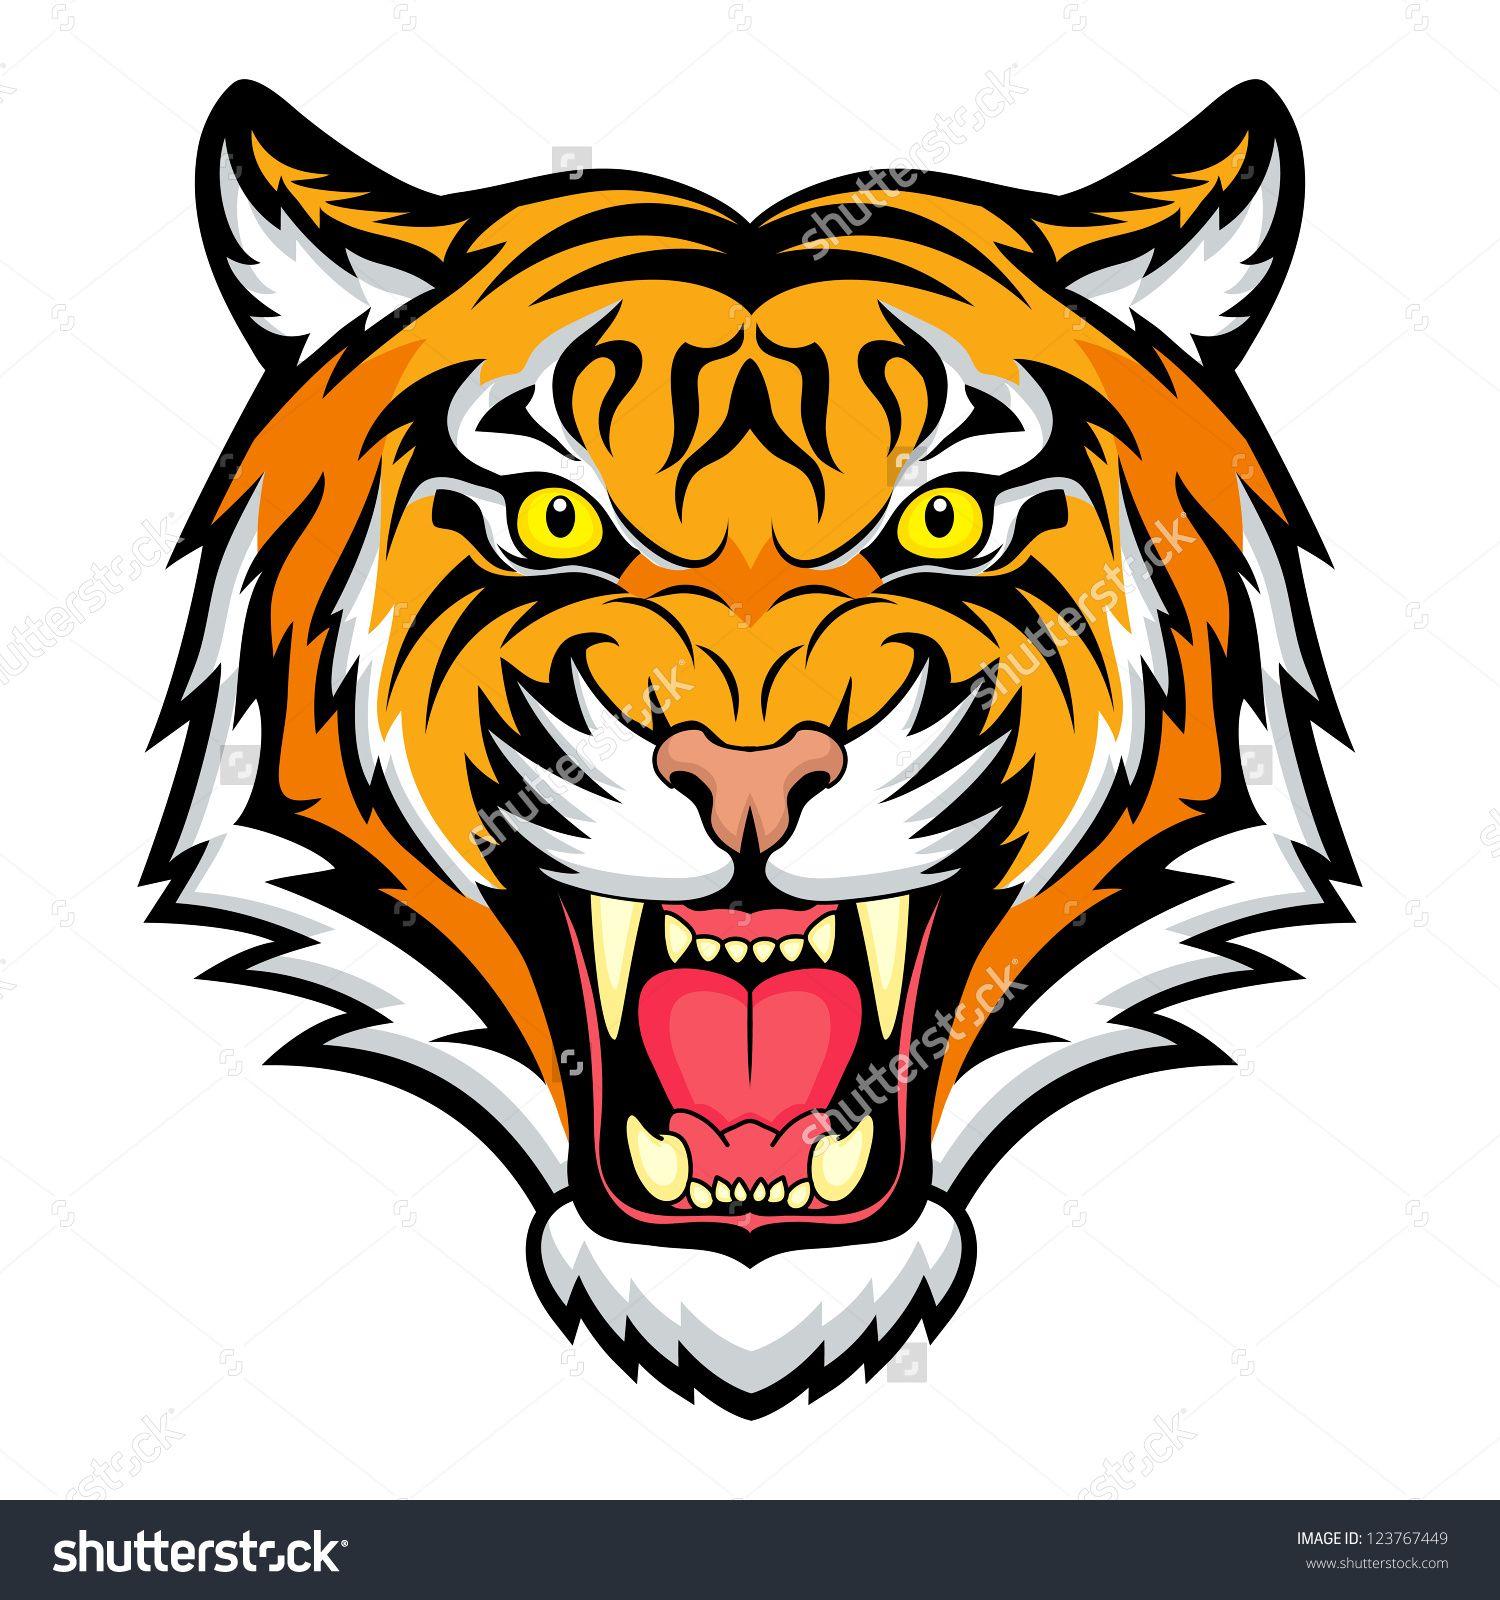 Tiger Anger. Vector Illustration Of A Tiger Head